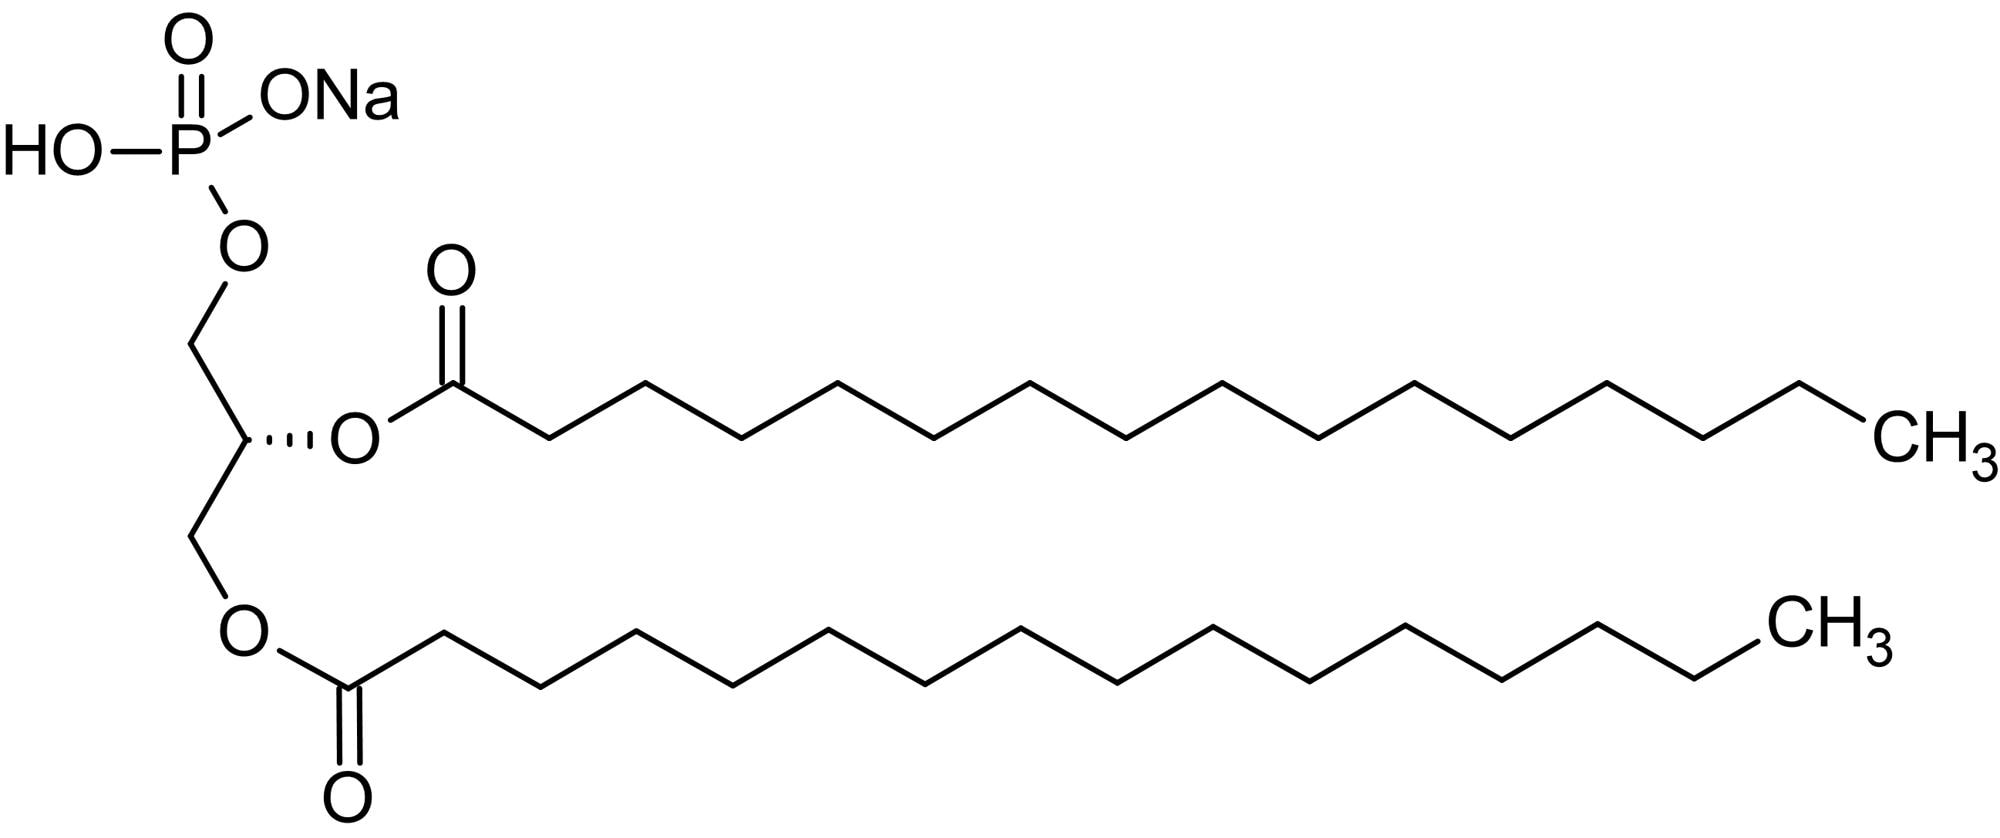 Chemical Structure - 1,2-Dipalmitoyl-sn-glycero-3-phosphatidic acid sodium salt (DPPA), Phospholipid (ab143950)